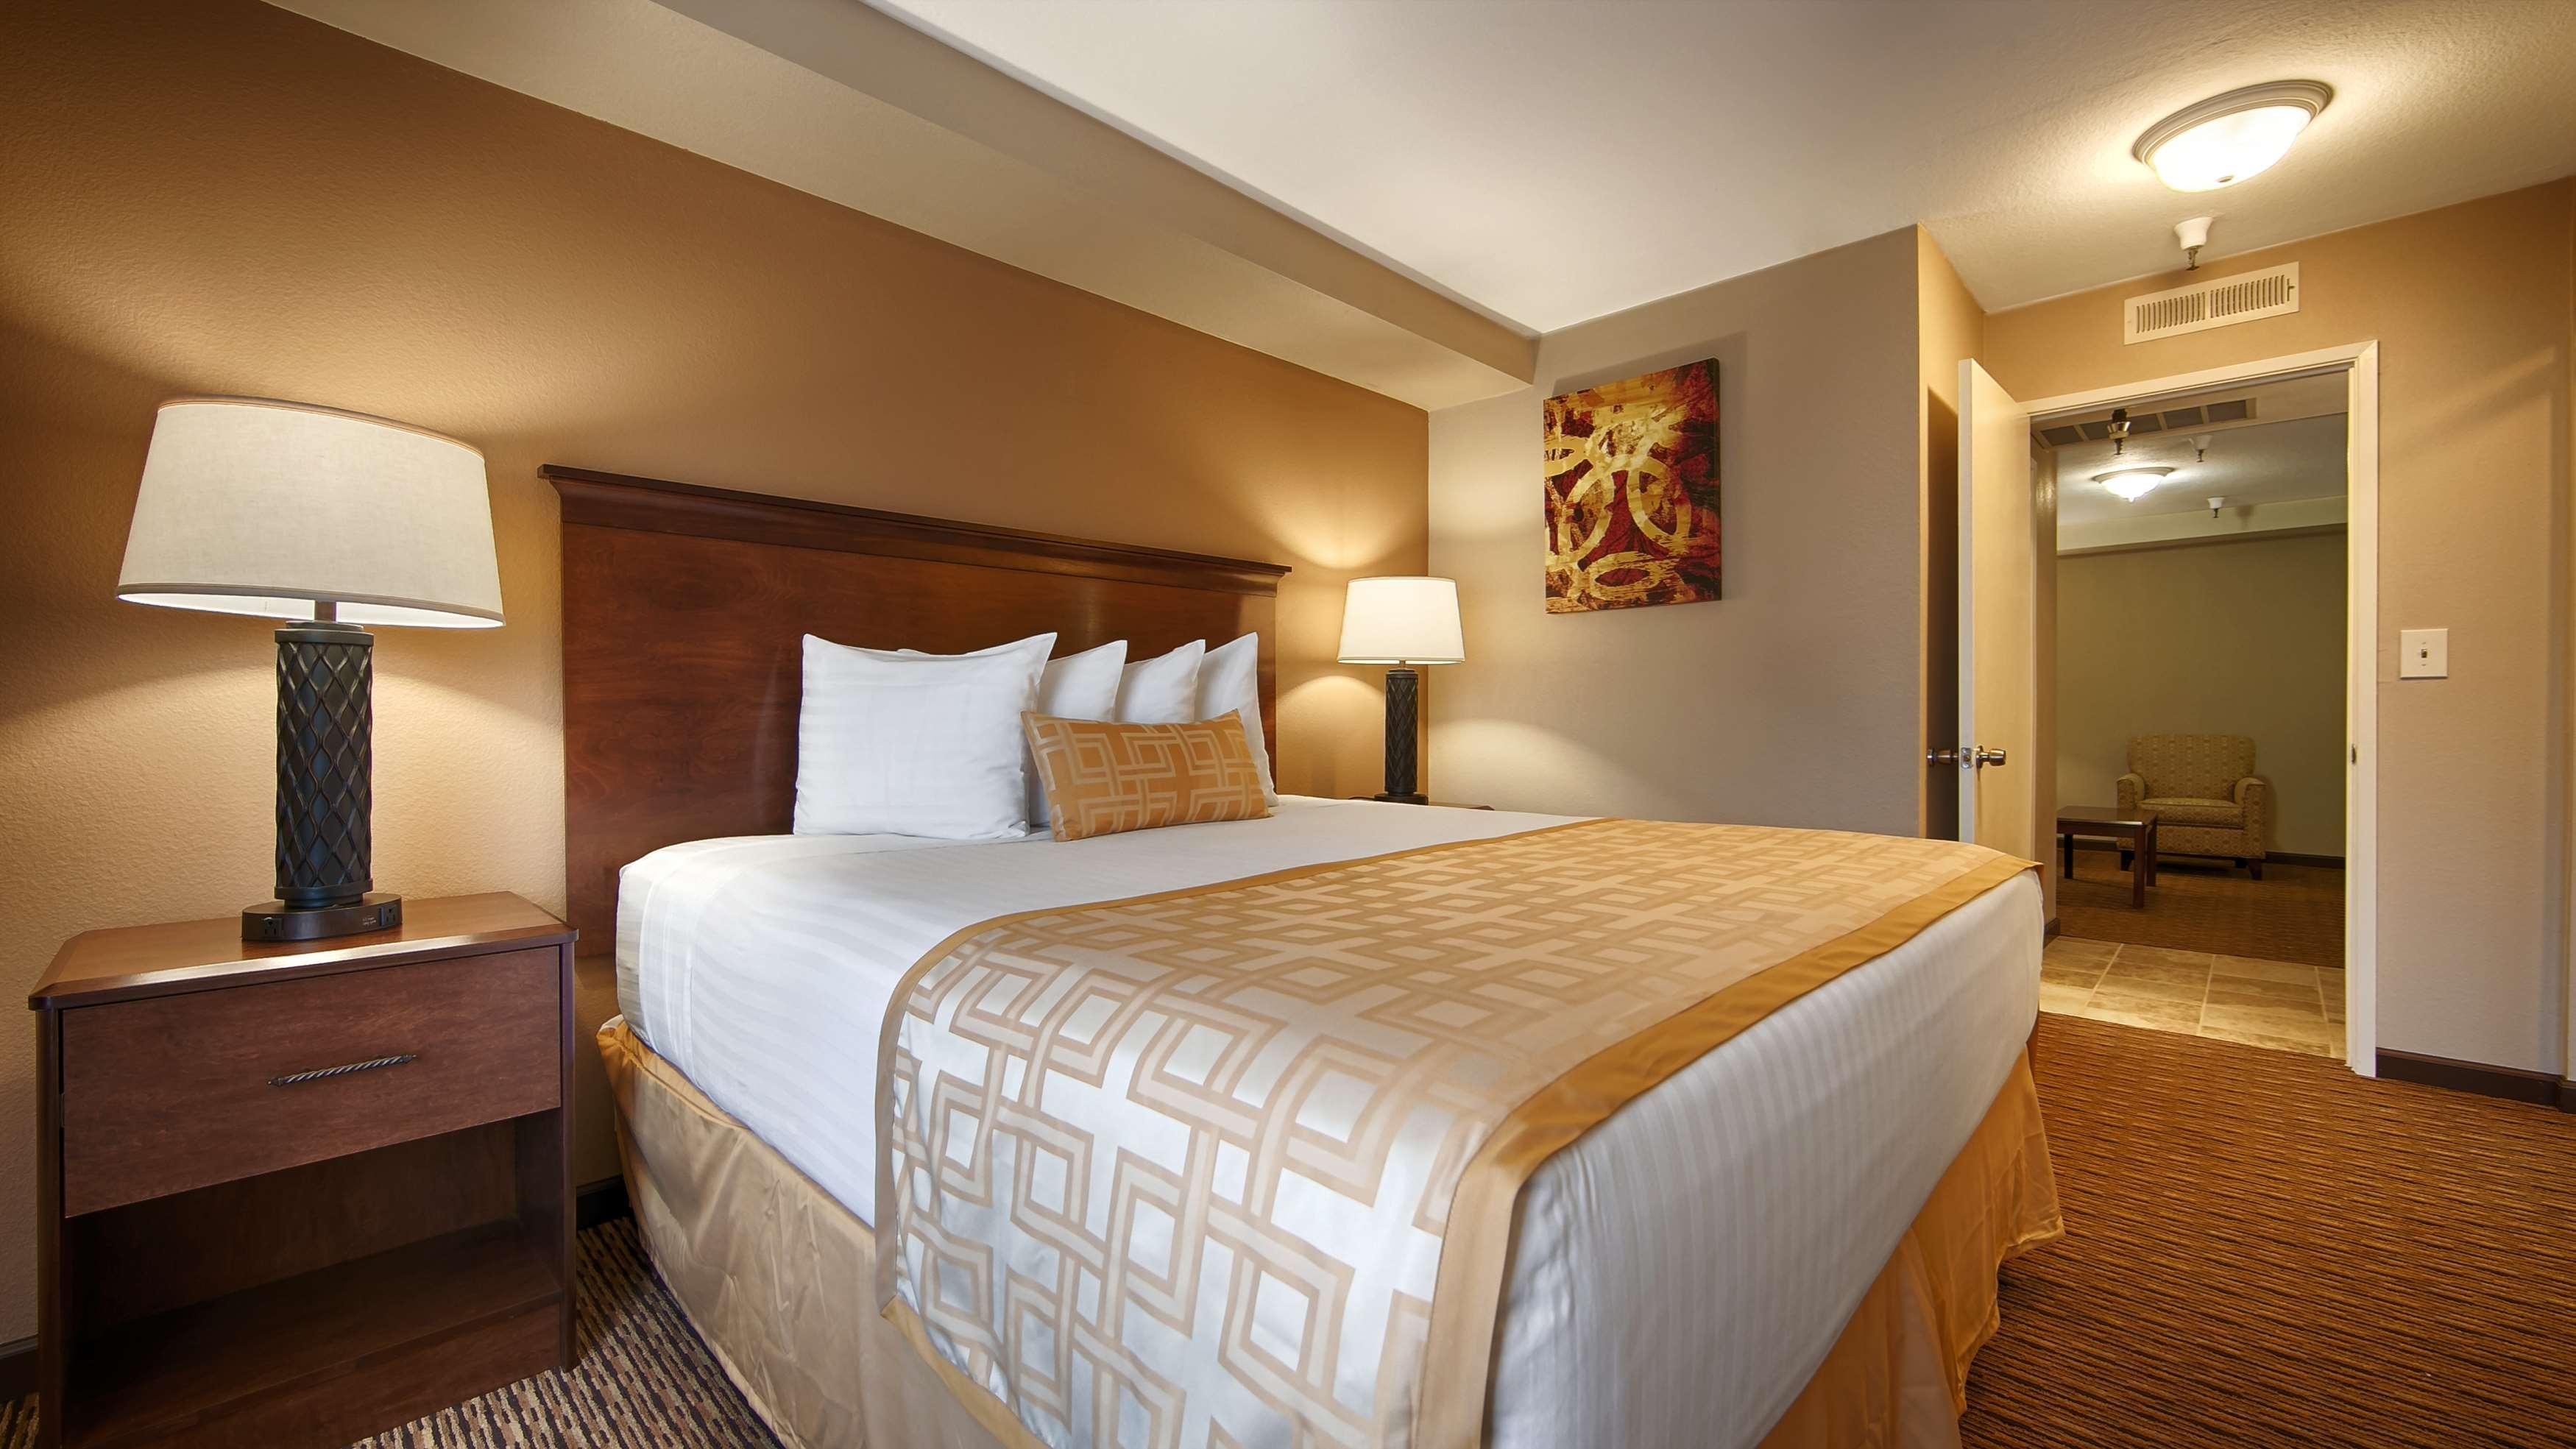 Best Western Pasadena Royale Inn & Suites image 6